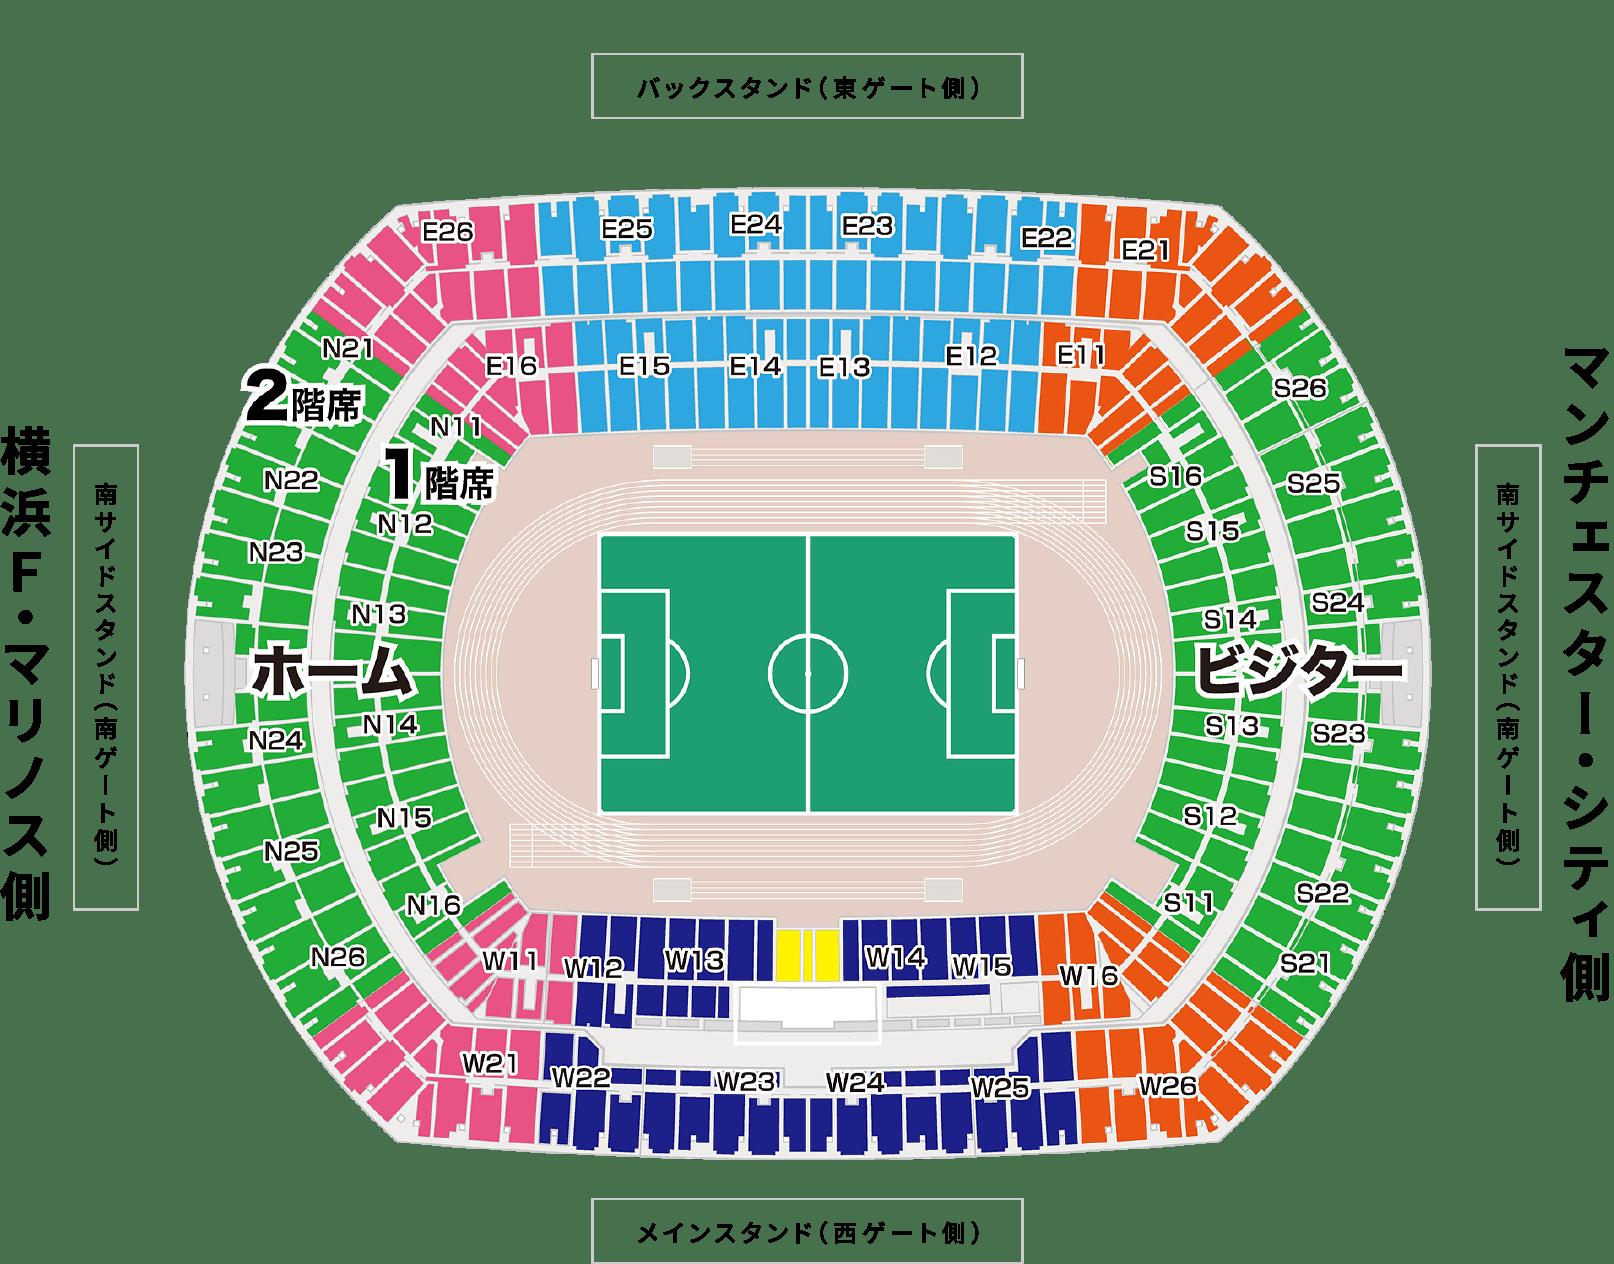 スタジアムの客席